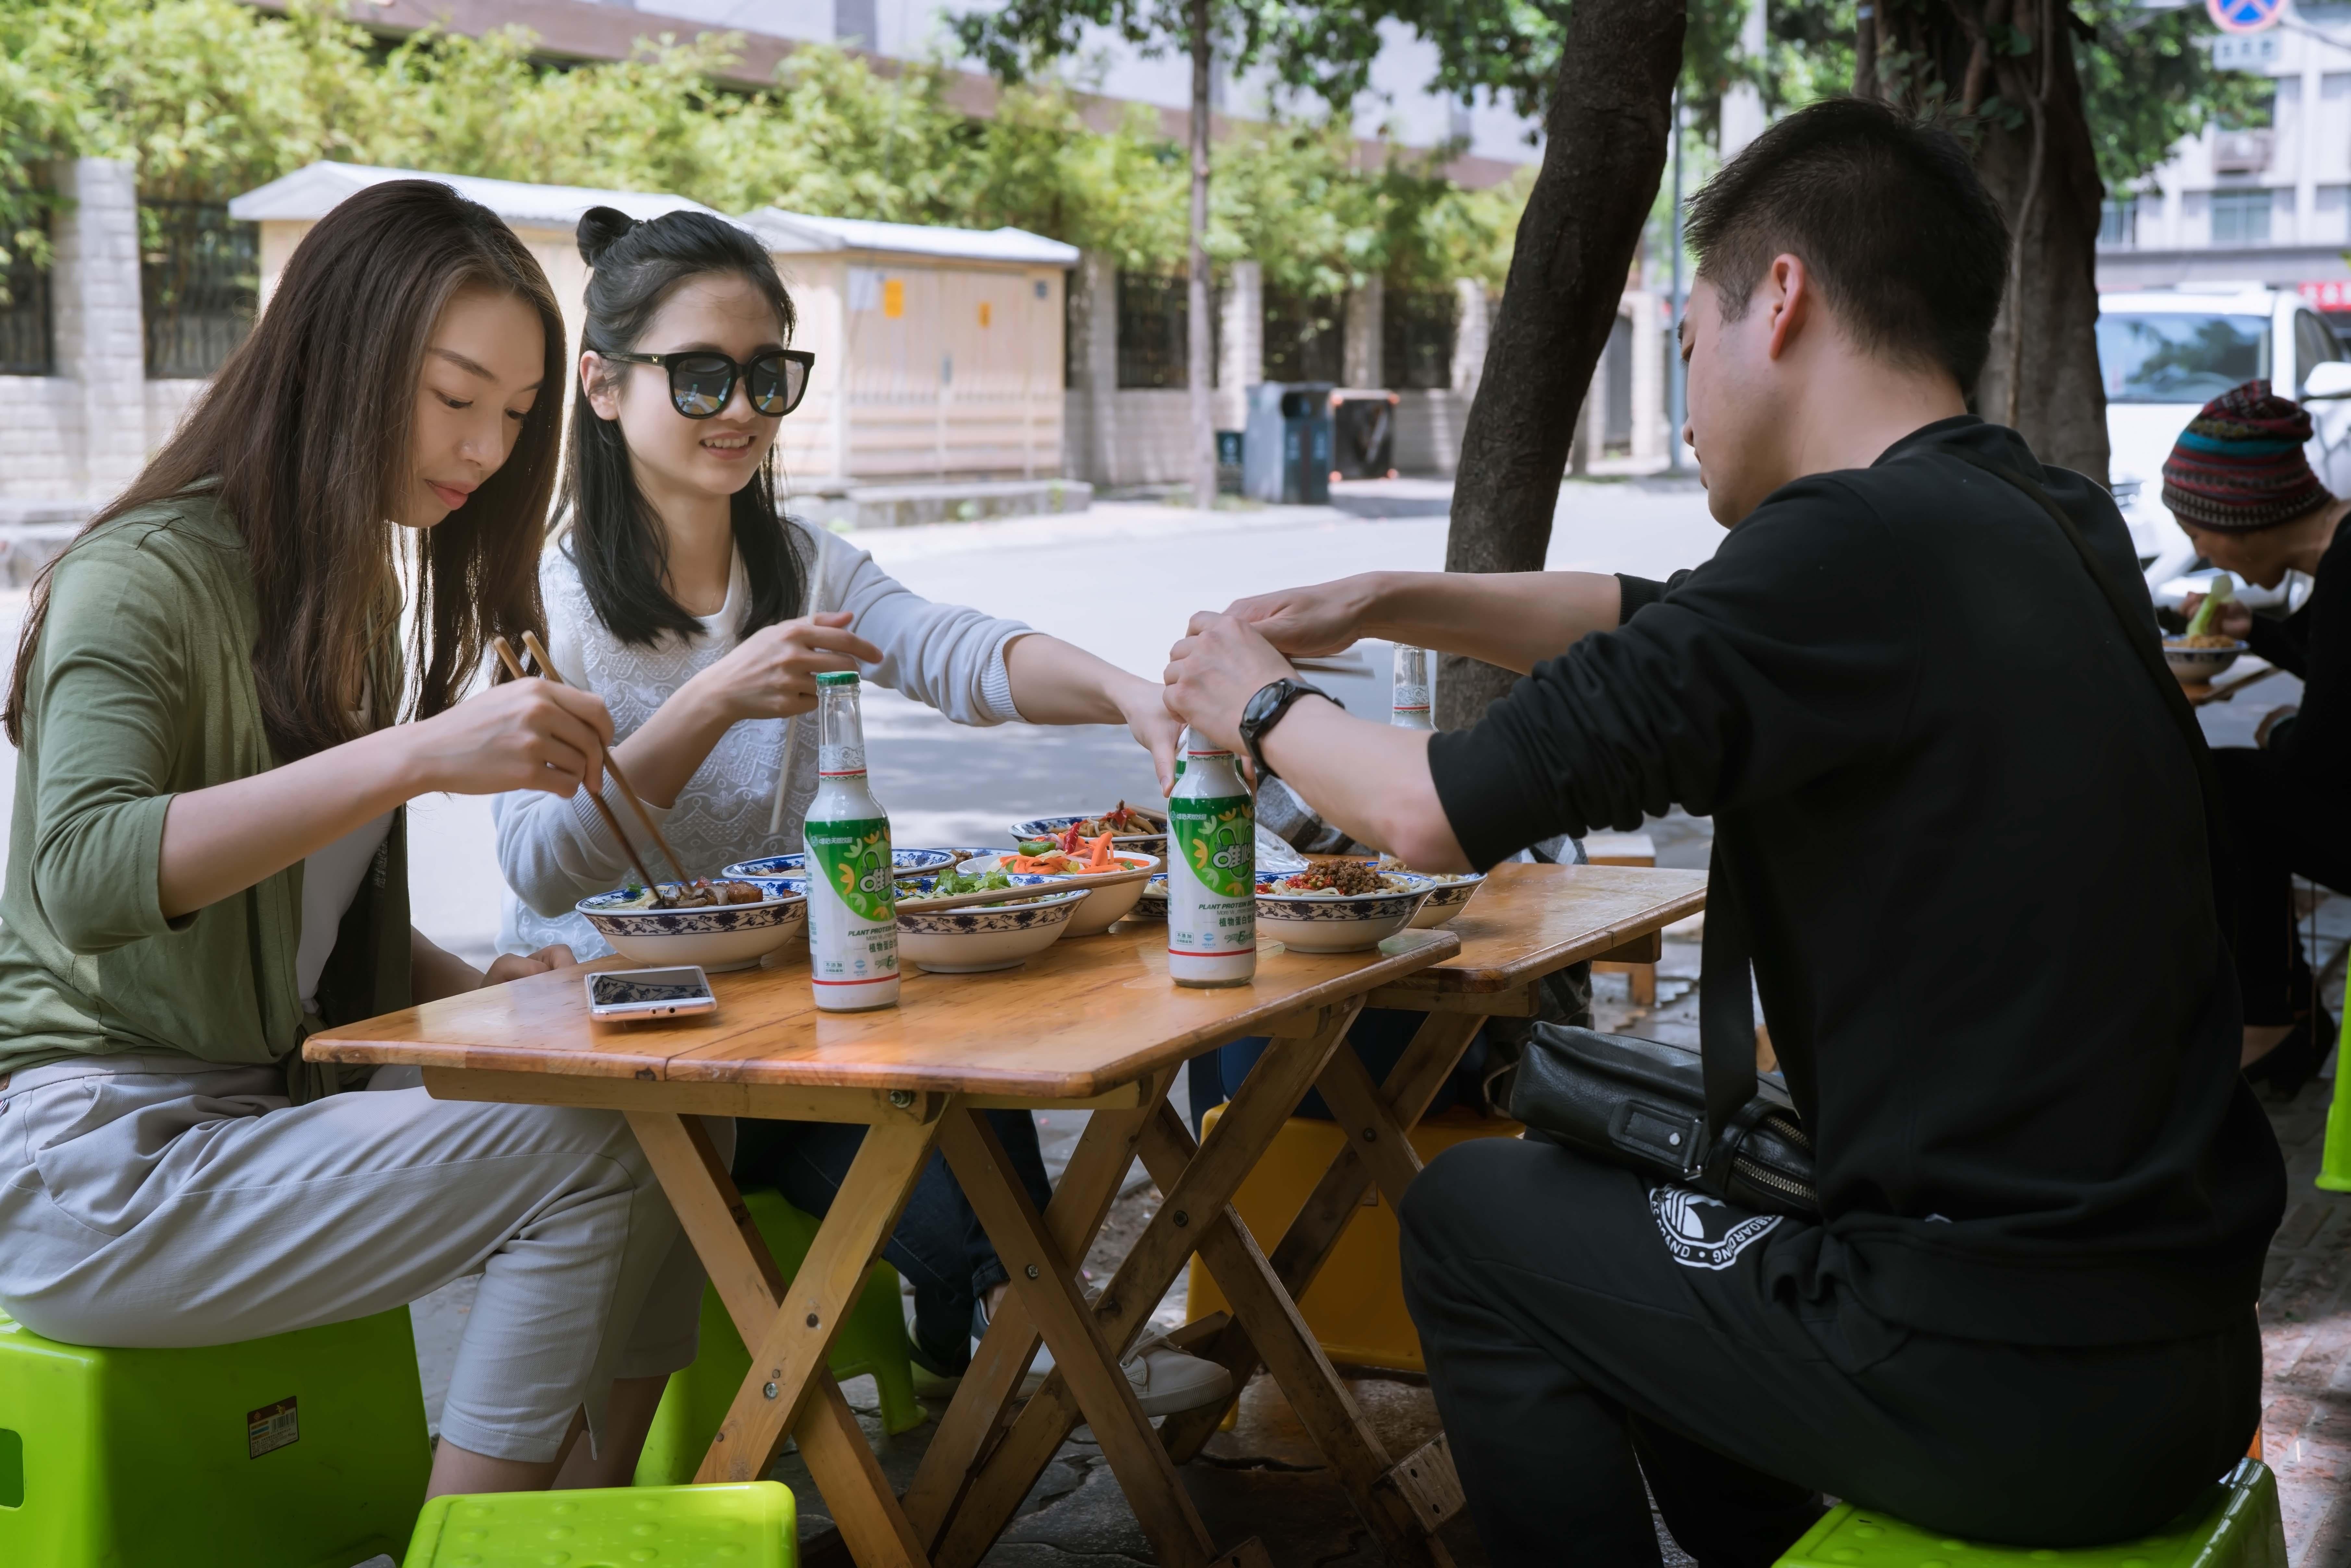 万千味道江湖, 有时候, 真抵不过成都大街小巷一碗面! - 勒克儿 - 党青博客